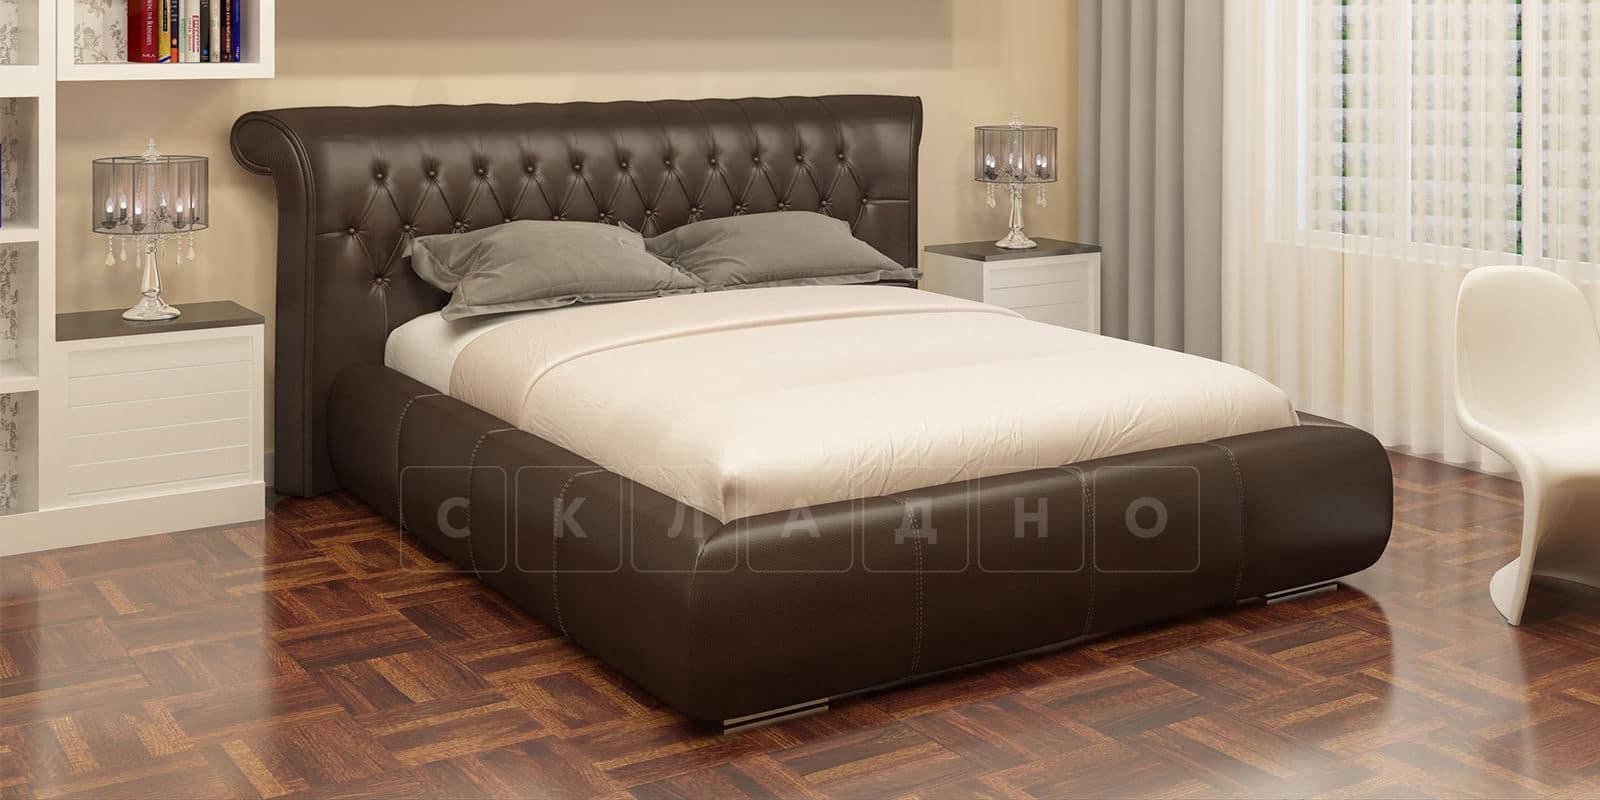 Мягкая кровать Вирджиния 160см экокожа шоколадного цвета фото 1   интернет-магазин Складно